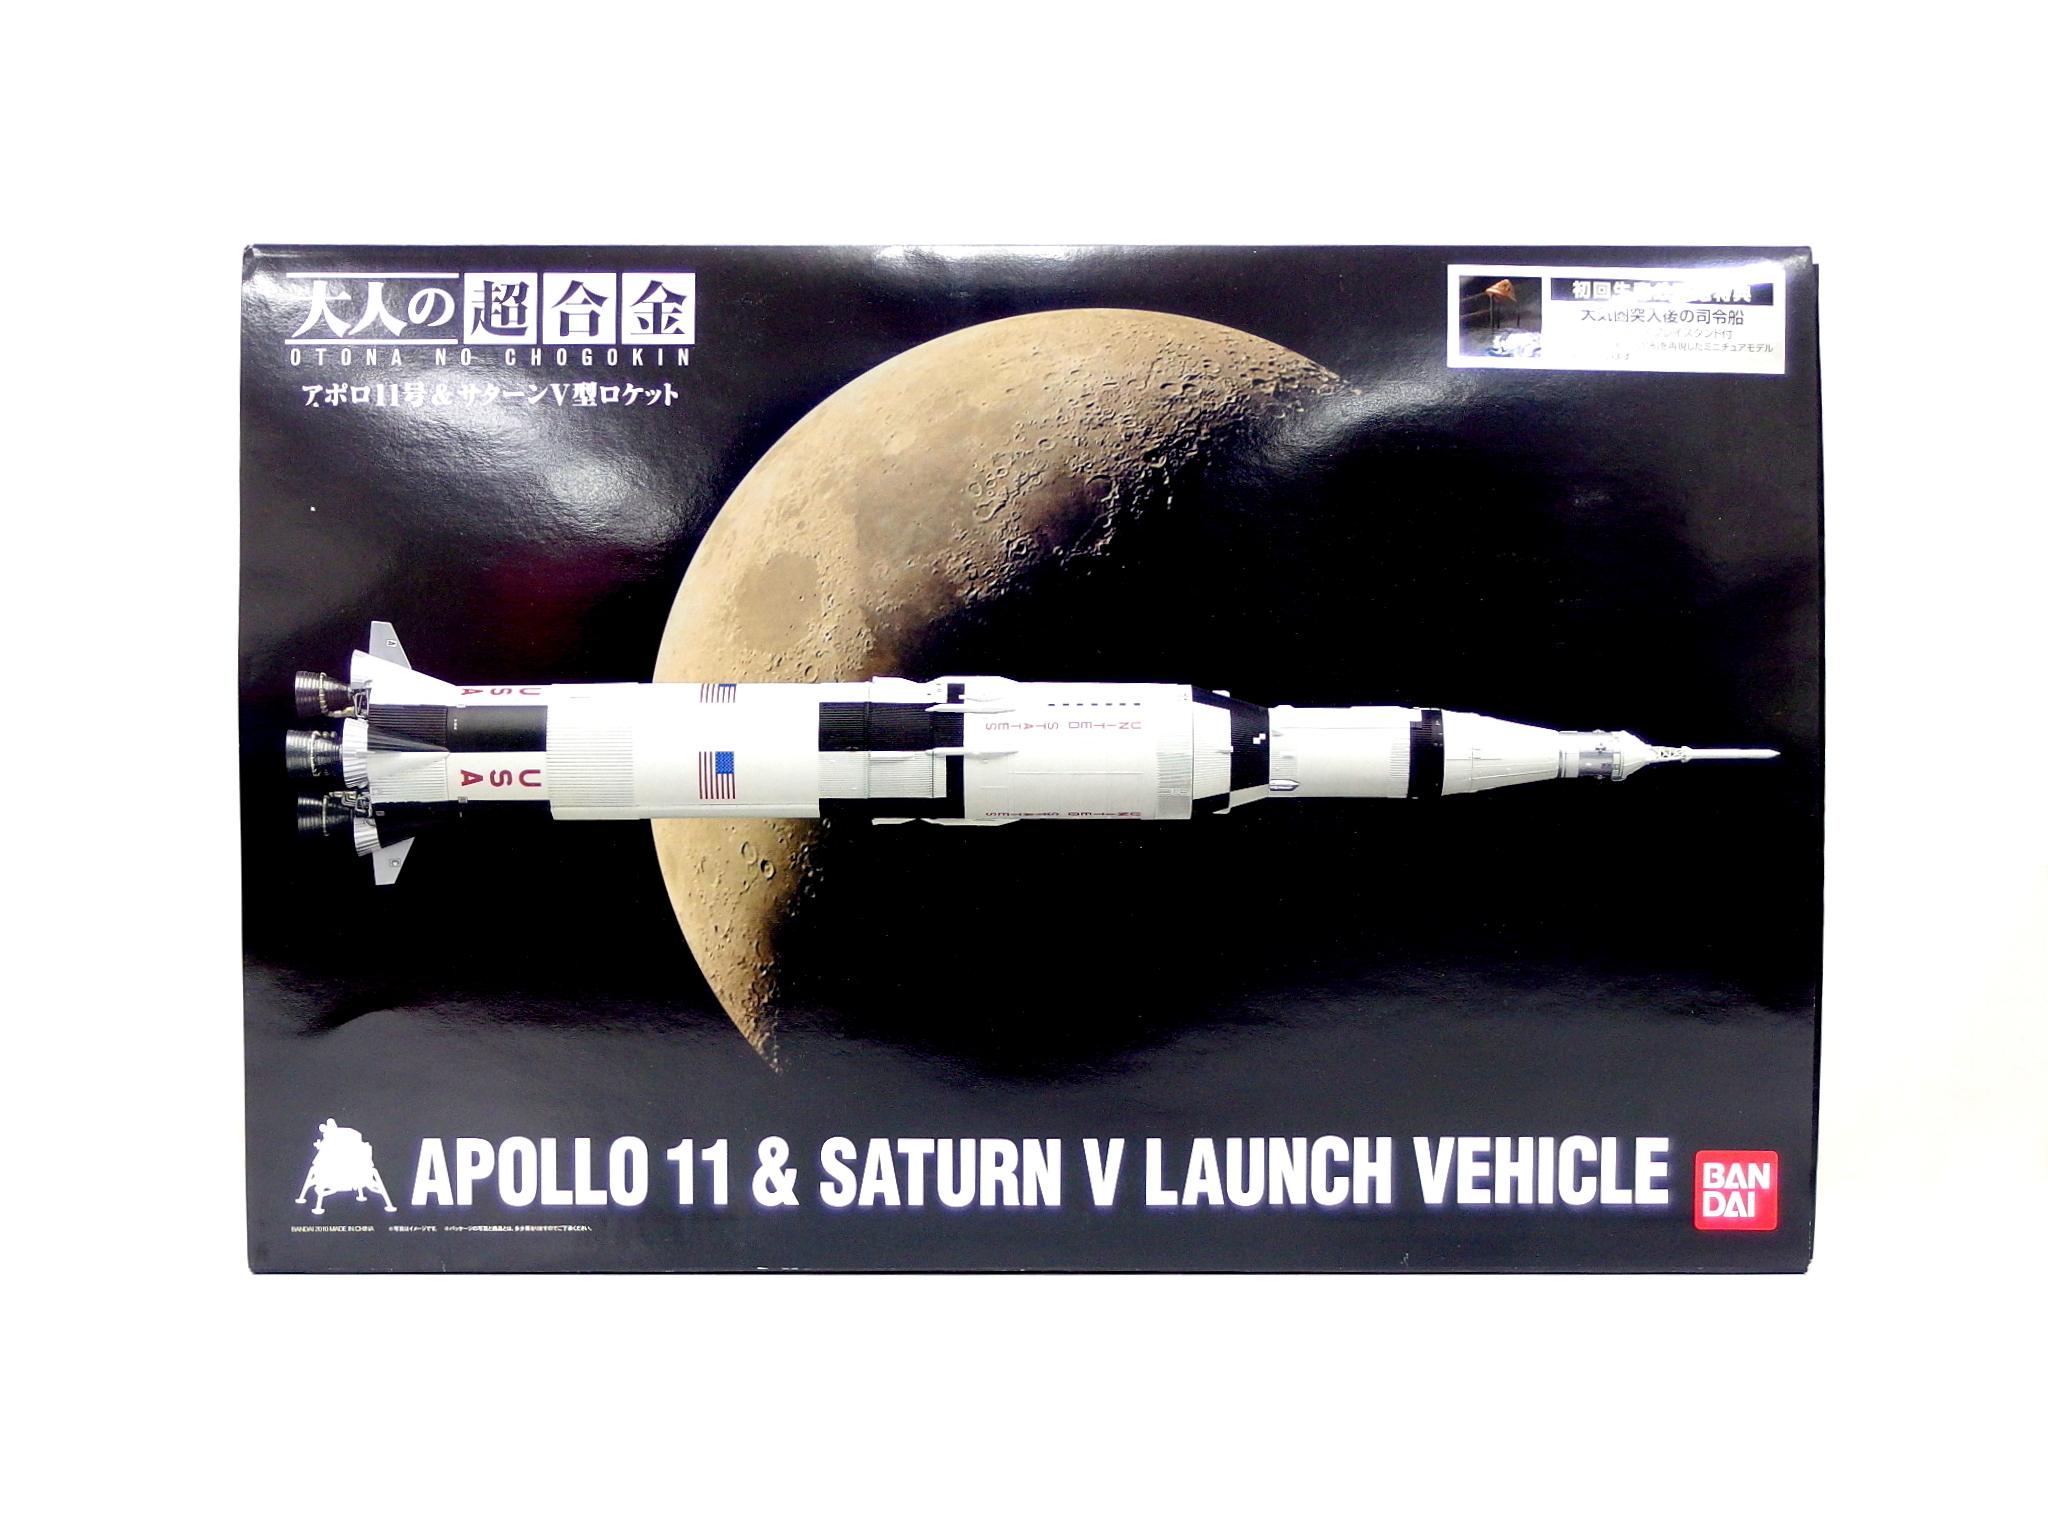 バンダイ 大人の超合金 アポロ11号&サターンV型ロケット